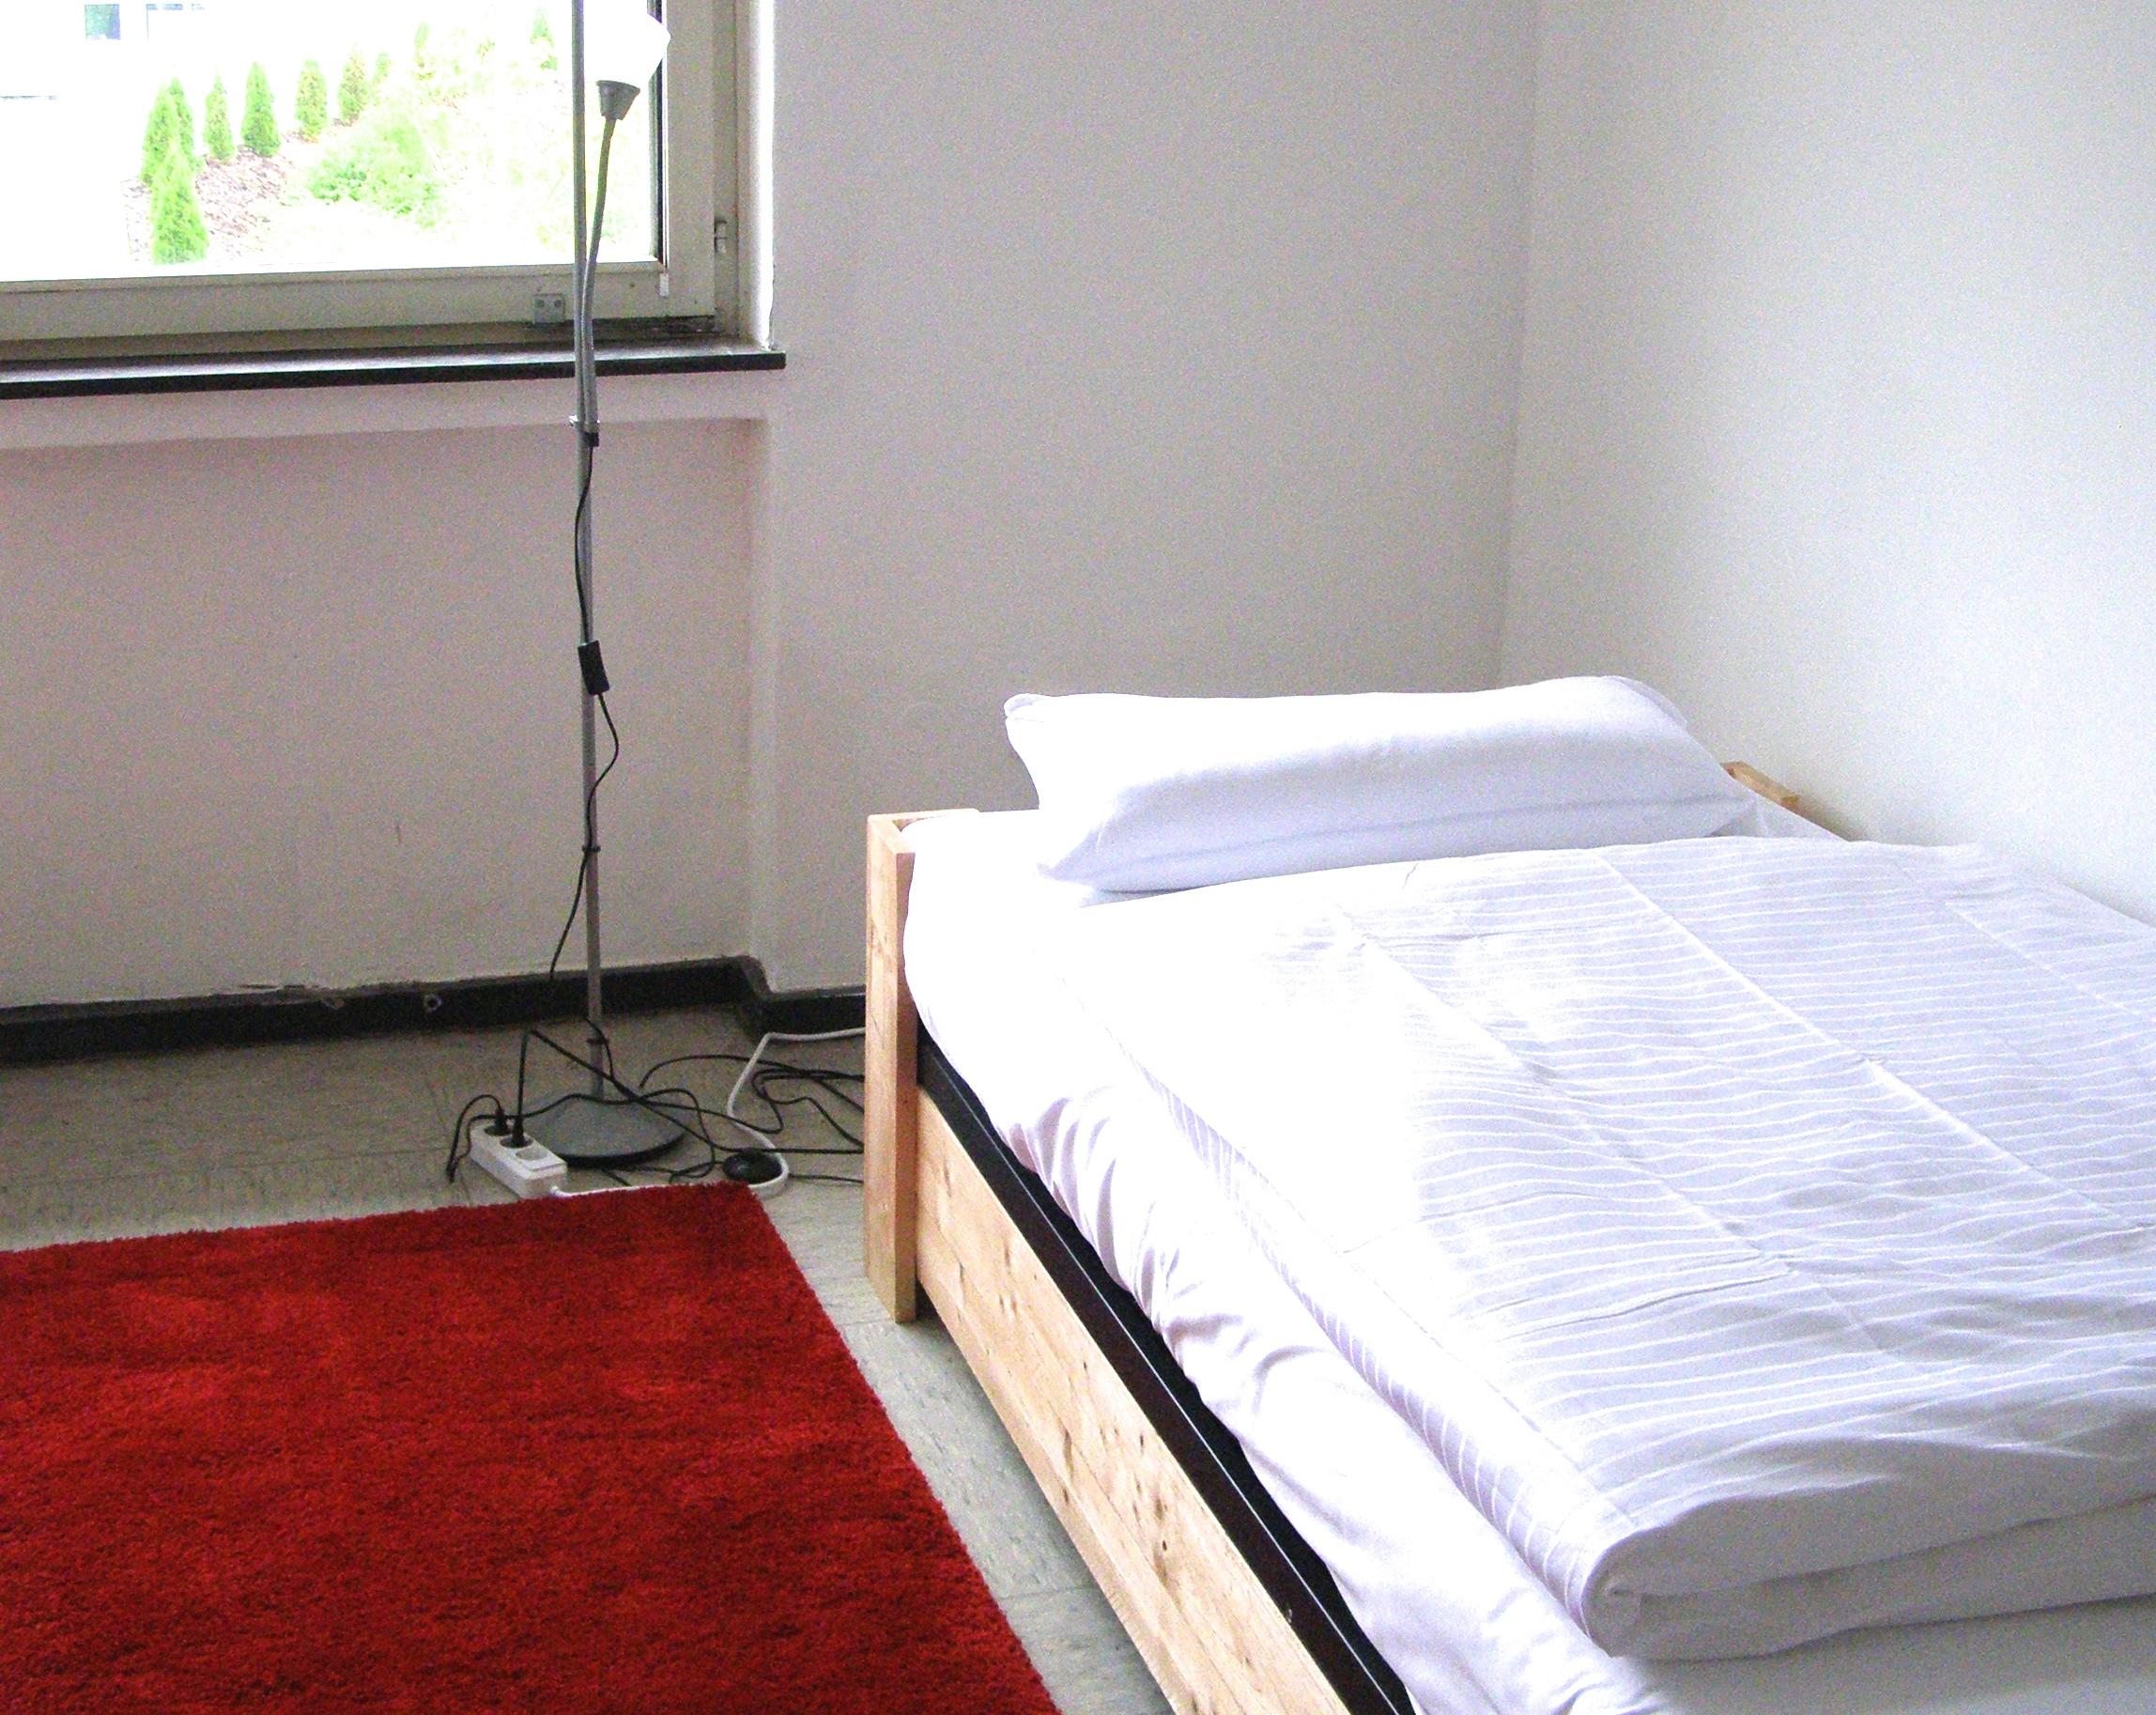 Betten mit Bio-Satin-Bettwäsche bezogen